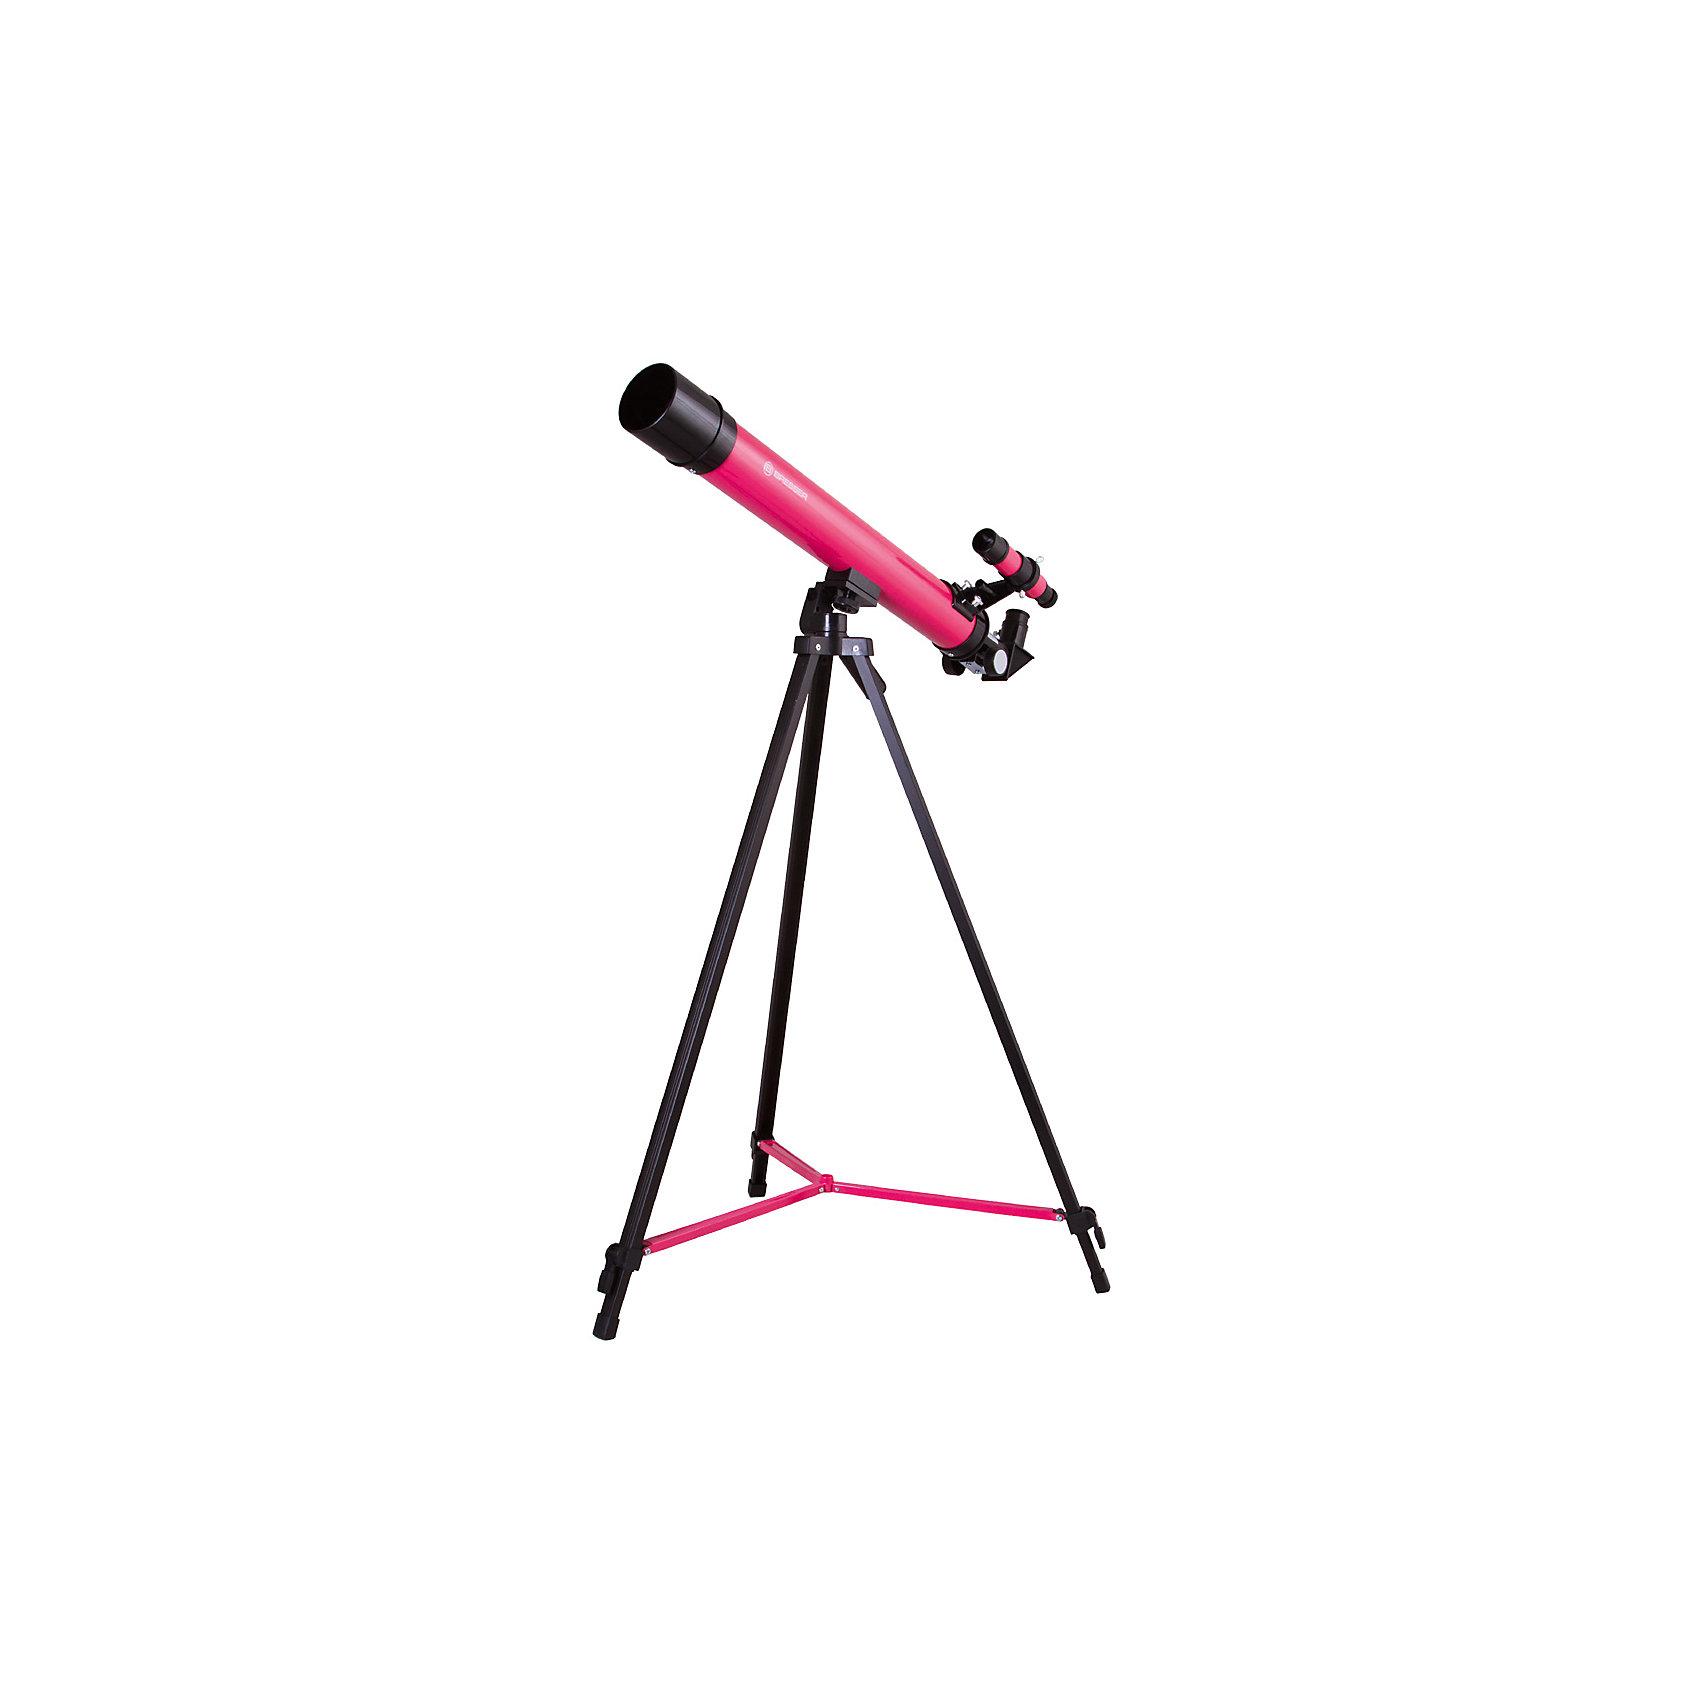 Телескоп Bresser Junior Space Explorer 45/600, розовыйДетские телескопы<br>Характеристики товара:<br><br>• материал: металл, пластик<br>• увеличение: до 100 крат<br>• диаметр объектива (апертура): 45 мм<br>• окуляры в комплекте: SR-6 мм и SR-12 мм, оборачивающий окуляр 1,5х<br>• искатель оптический: 6х30<br>• регулируемая алюминиевая тренога<br>• тип управления телескопом: ручной<br>• тип монтировки: азимутальная<br>• вес: 1,1 кг<br>• размер упаковки: 23х77х12 см<br>• комплектация: телескоп, окуляры, зеркало, тренога, карта<br>• страна бренда: Германия<br><br>Телескоп - это отличный способ заинтересовать ребенка наблюдениями за небесными телами и привить ему интерес к учебе. Эта модель была разработана специально для детей - он позволяет увеличивать предметы из космоса и изучать их. Благодаря легкому и прочному корпусу телескоп удобно брать с собой!<br><br>Оптические приборы от немецкой компании Bresser уже успели зарекомендовать себя как качественная и надежная продукция. Для их производства используются только безопасные и проверенные материалы. Такой прибор способен прослужить долго. Подарите ребенку интересную и полезную вещь!<br><br>Телескоп Bresser Junior Space Explorer 45/600, розовый, от известного бренда Bresser (Брессер) можно купить в нашем интернет-магазине.<br><br>Ширина мм: 770<br>Глубина мм: 230<br>Высота мм: 125<br>Вес г: 2210<br>Возраст от месяцев: 60<br>Возраст до месяцев: 2147483647<br>Пол: Унисекс<br>Возраст: Детский<br>SKU: 5435328